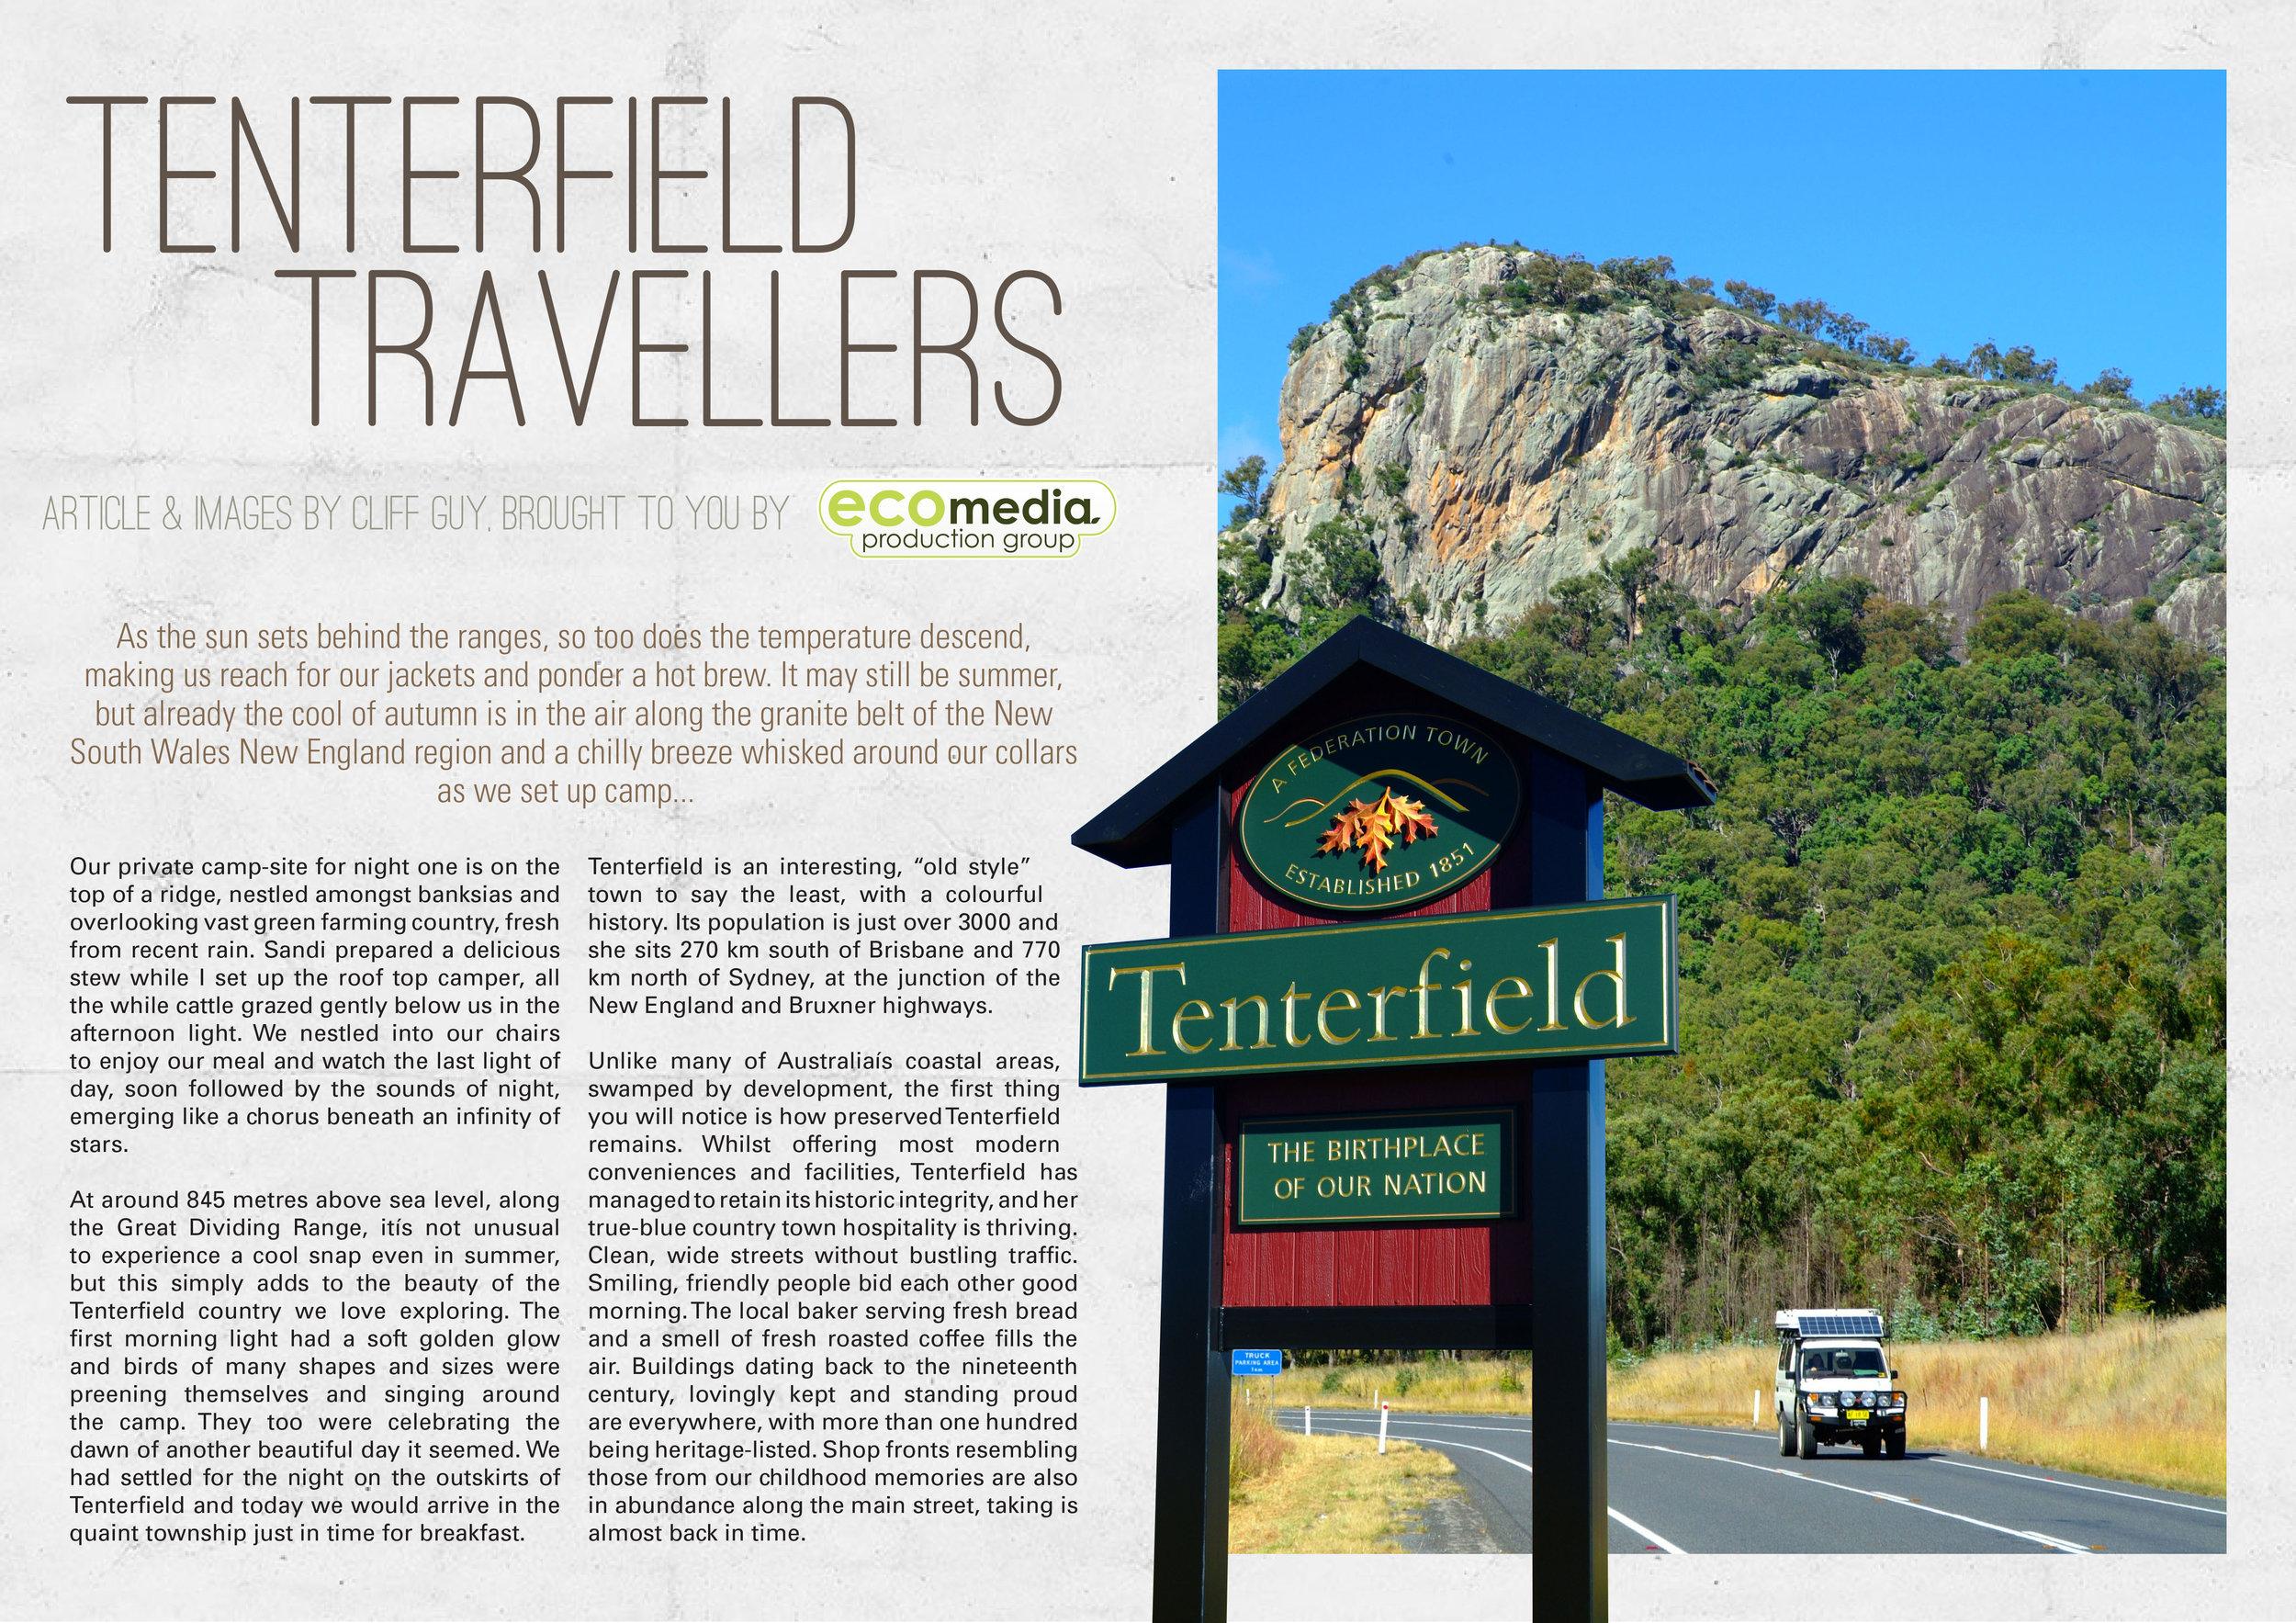 TenterfieldTravellers-1.jpg